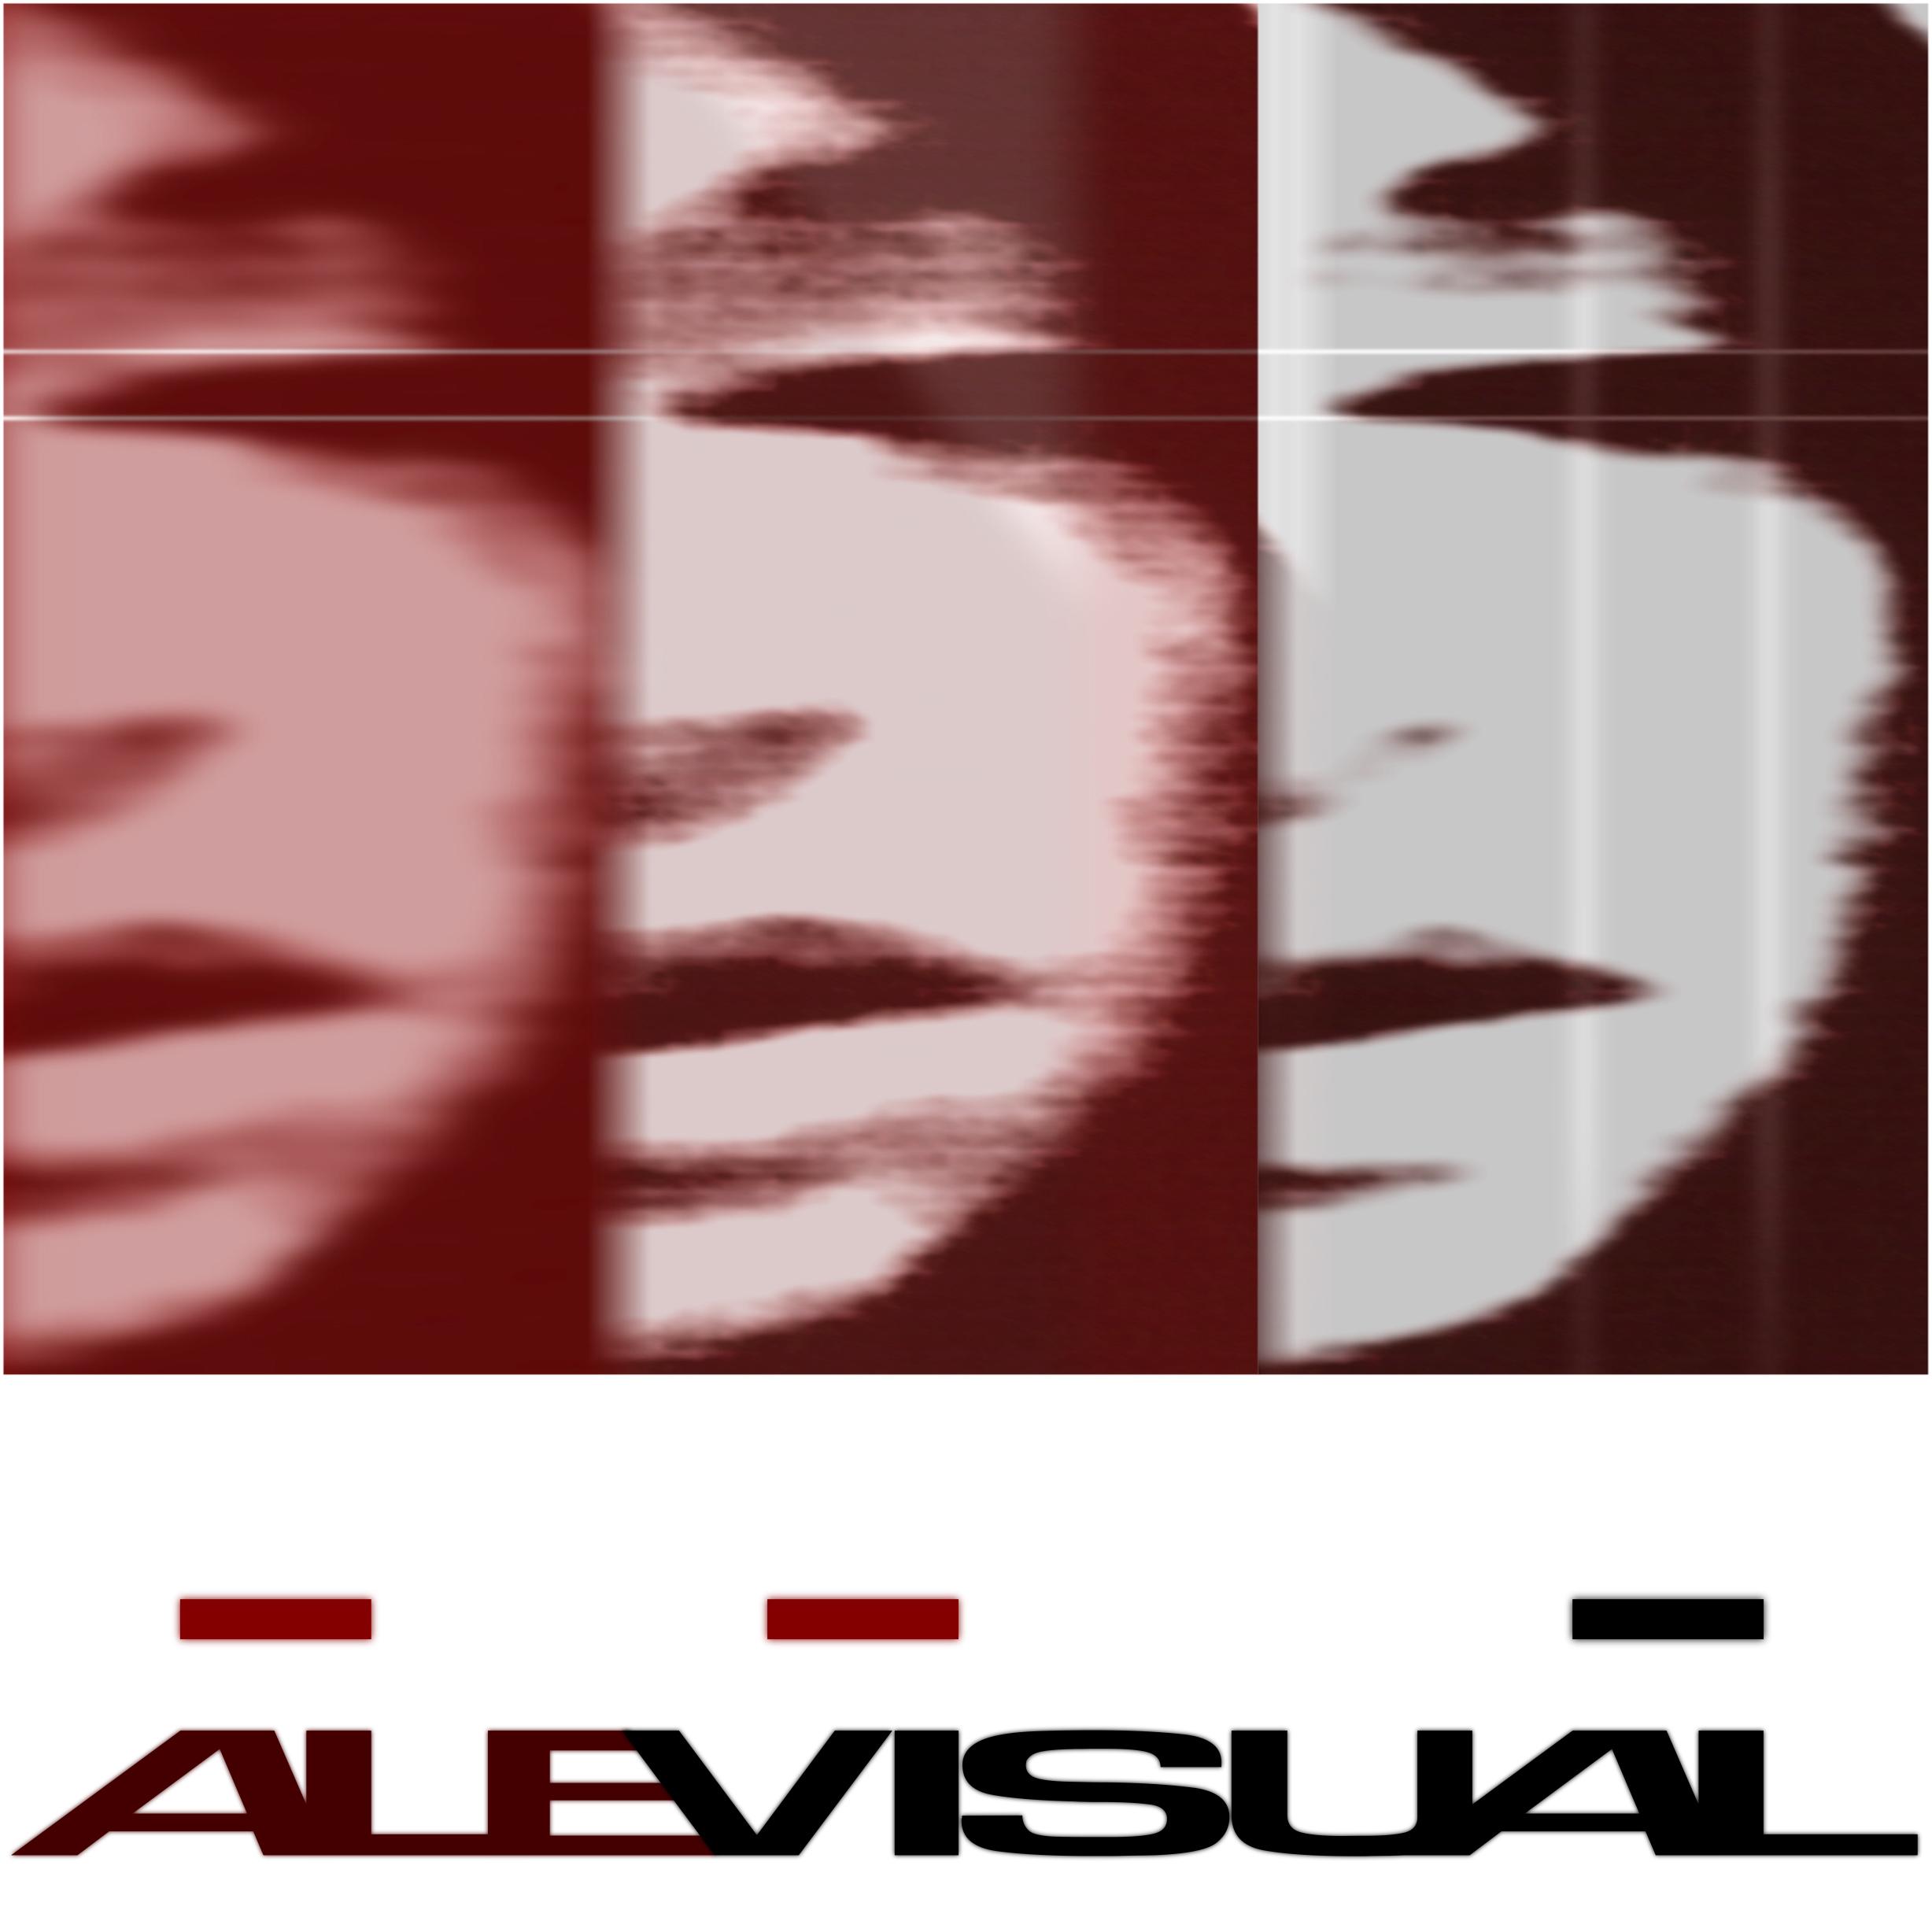 AleVisual